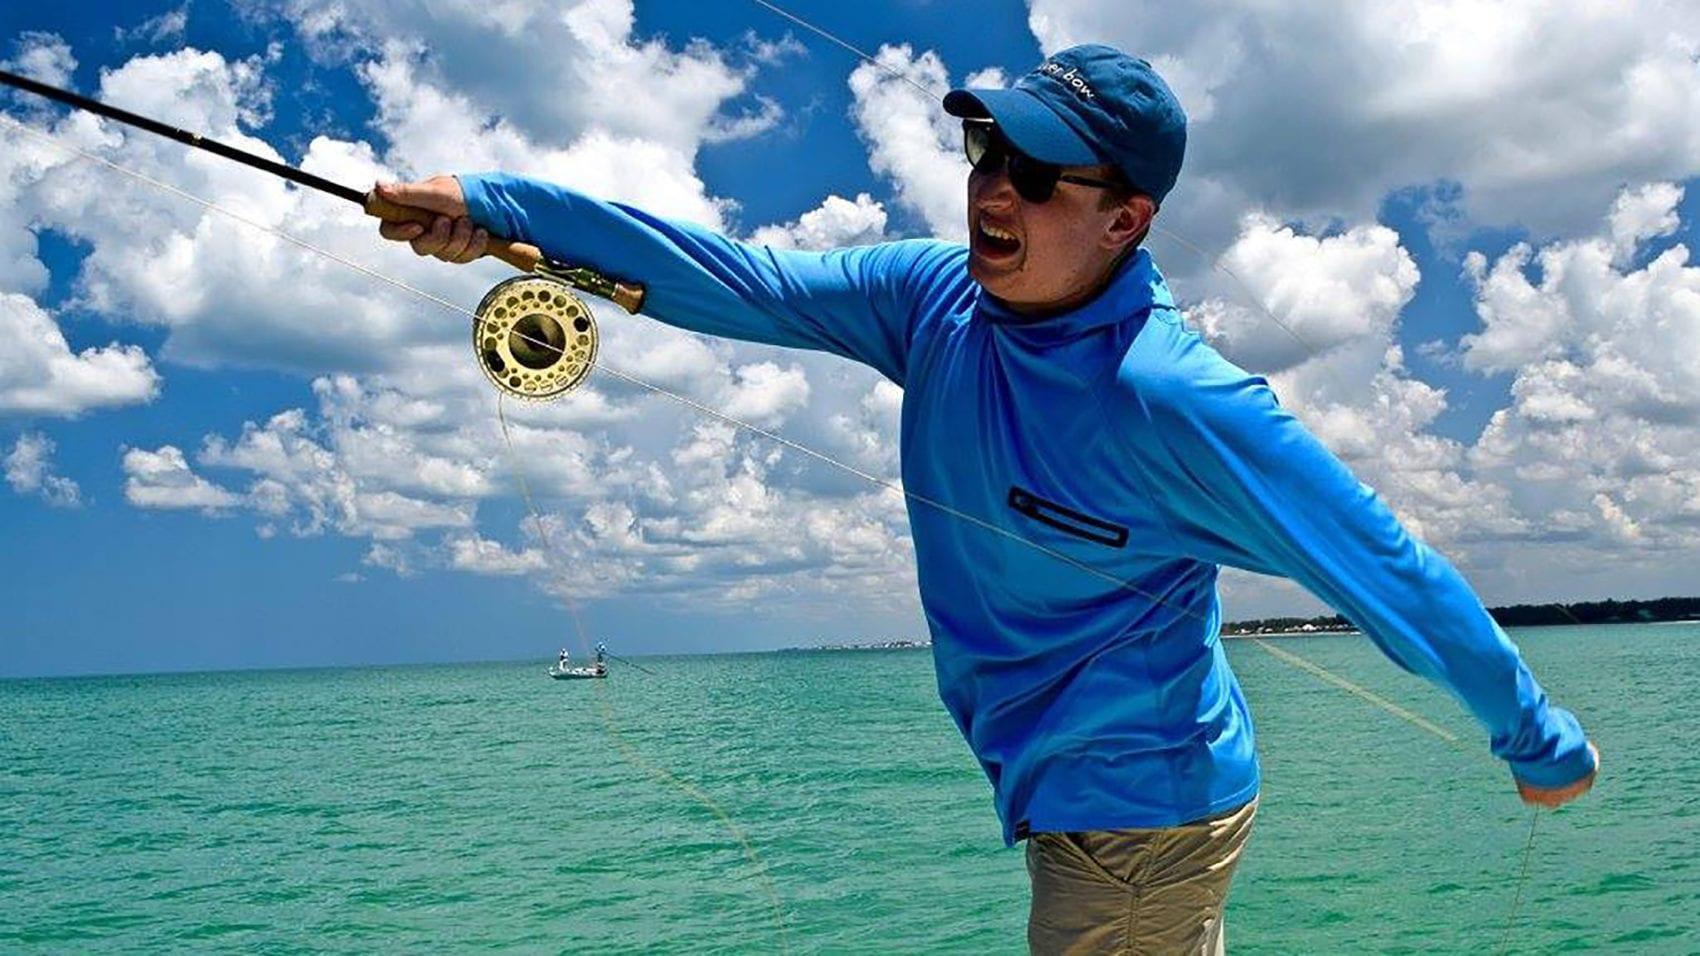 fly fisherman in boca grande